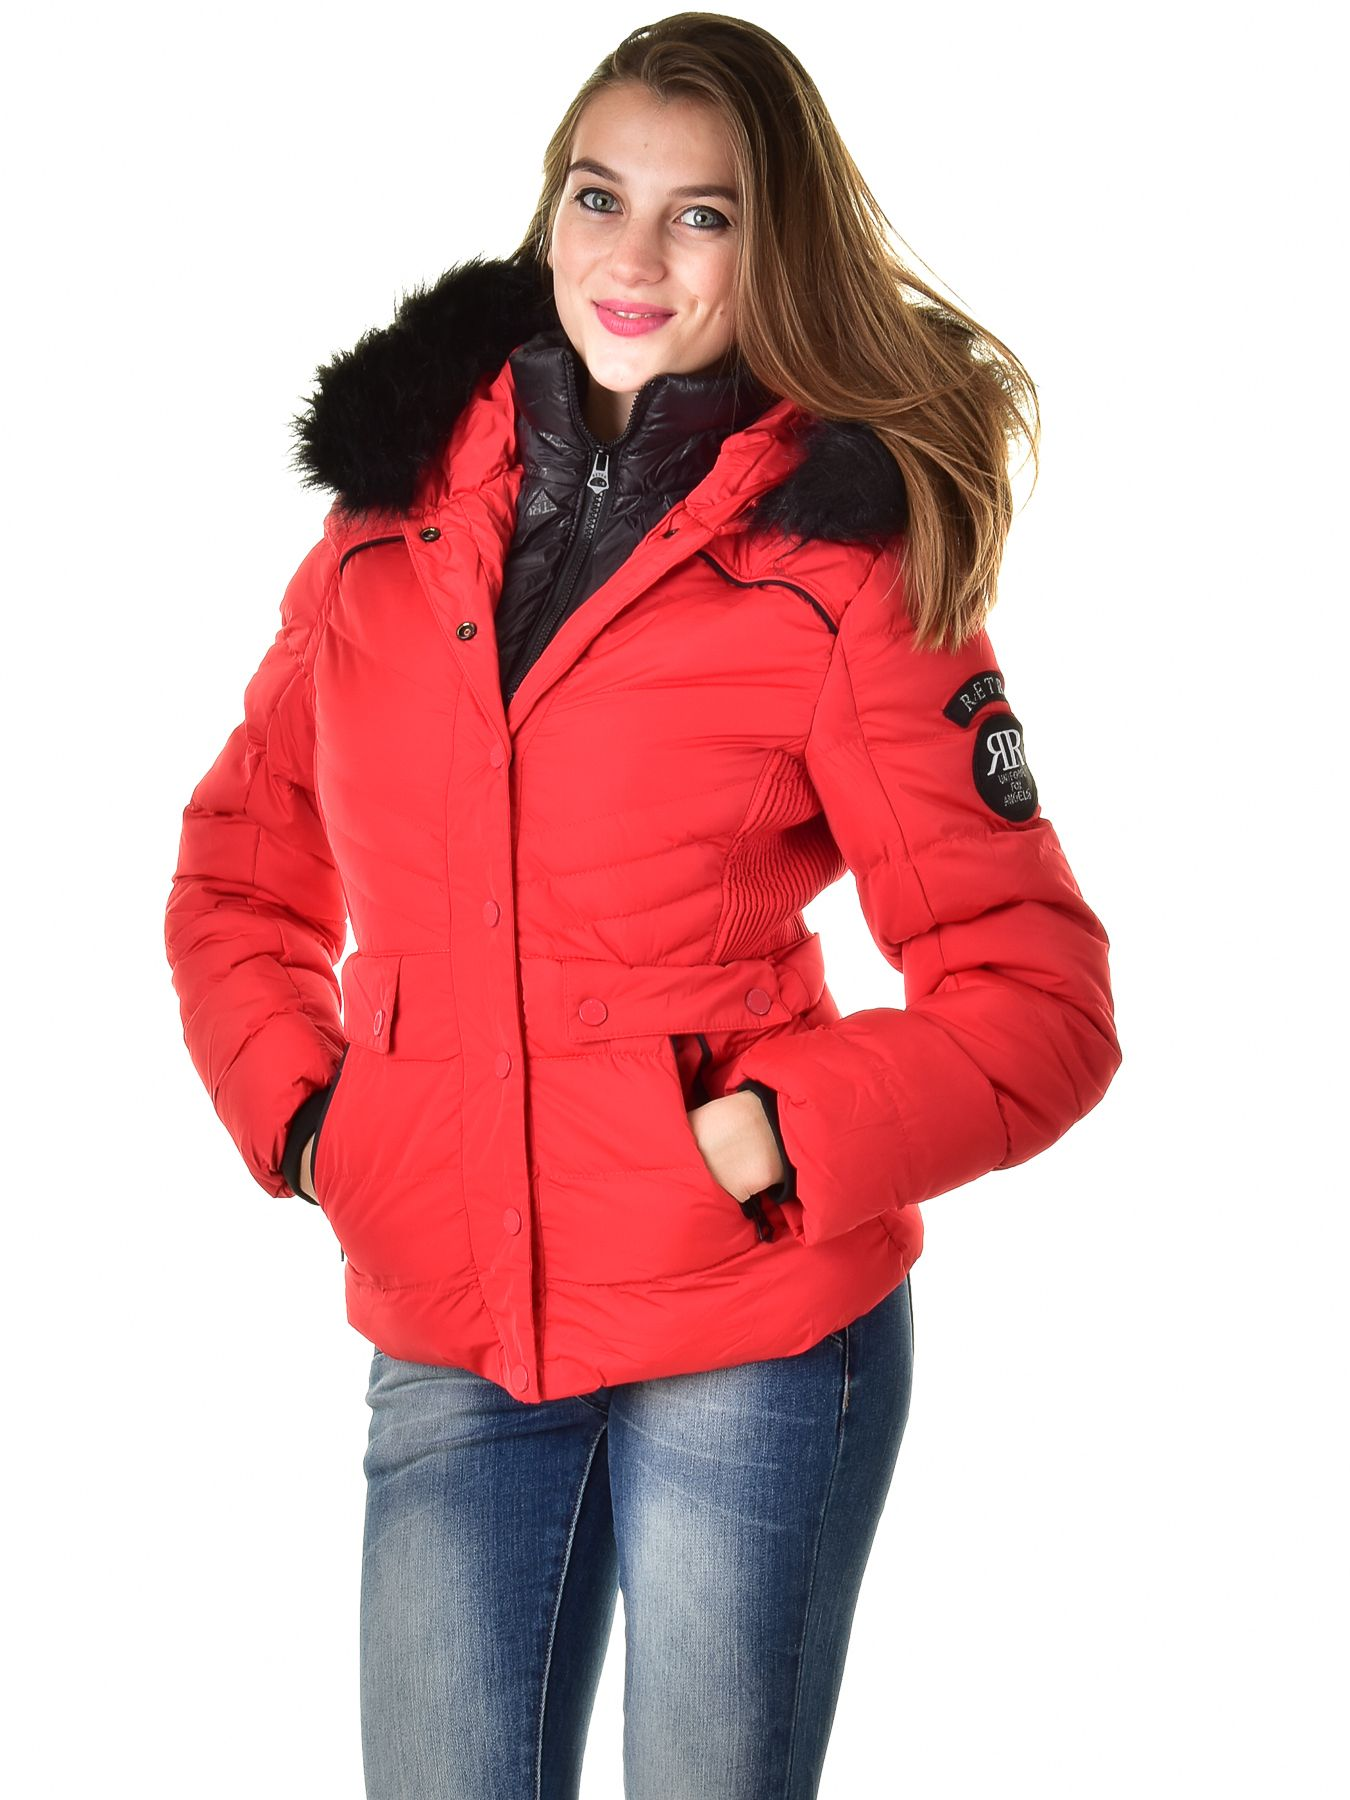 Retro Jeans női kabát (Noemie) 9229   Retro női kabátok